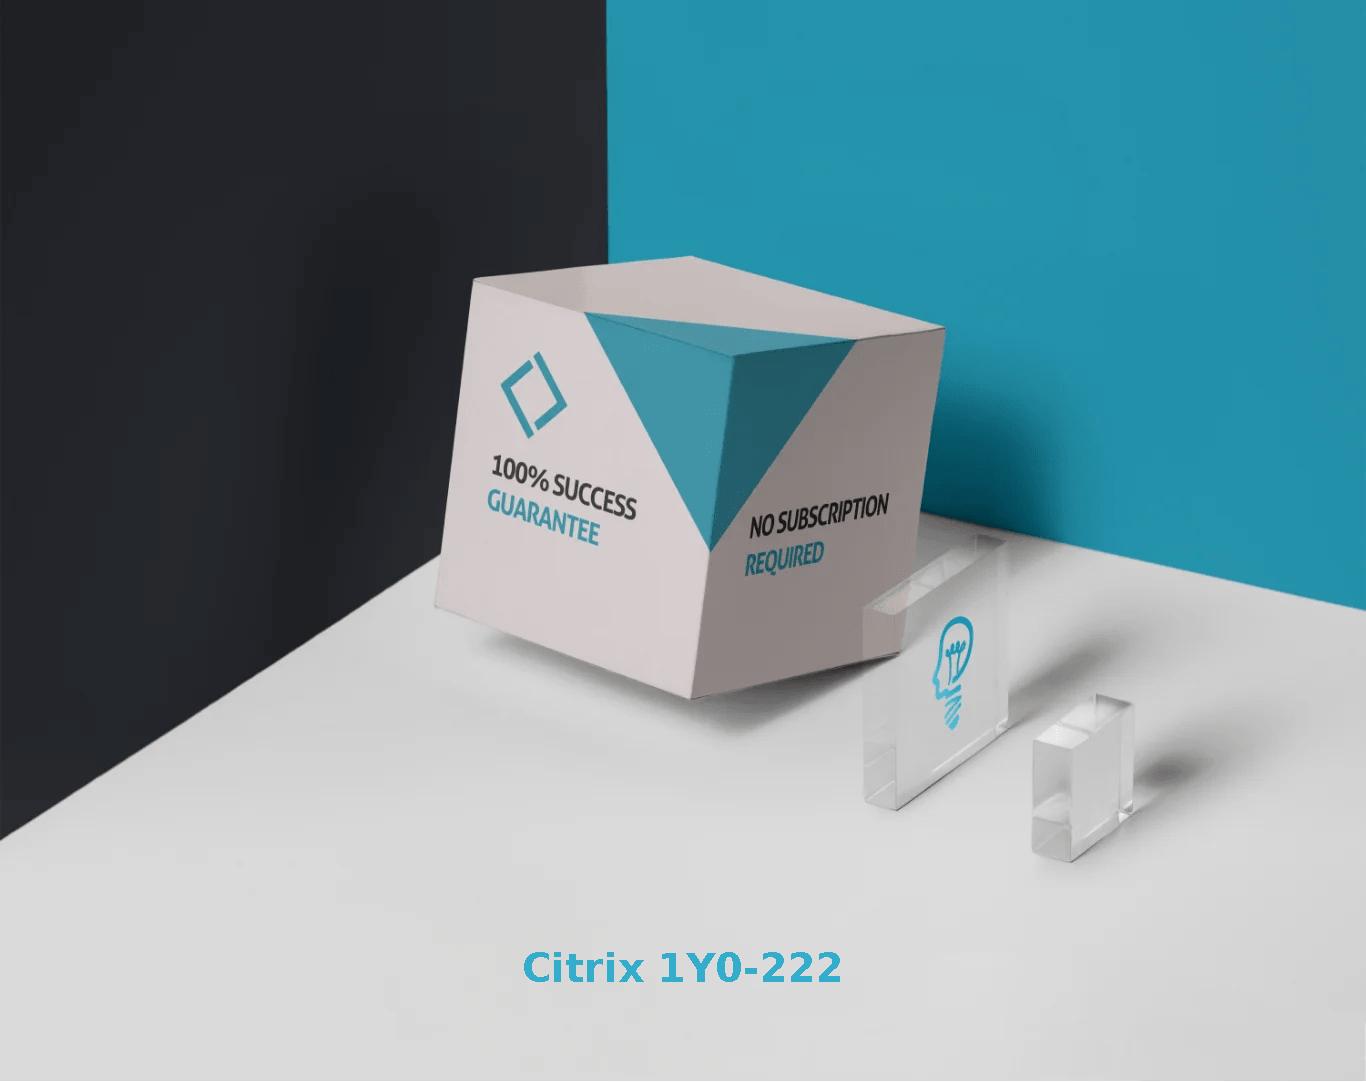 Citrix 1Y0-222 Exams